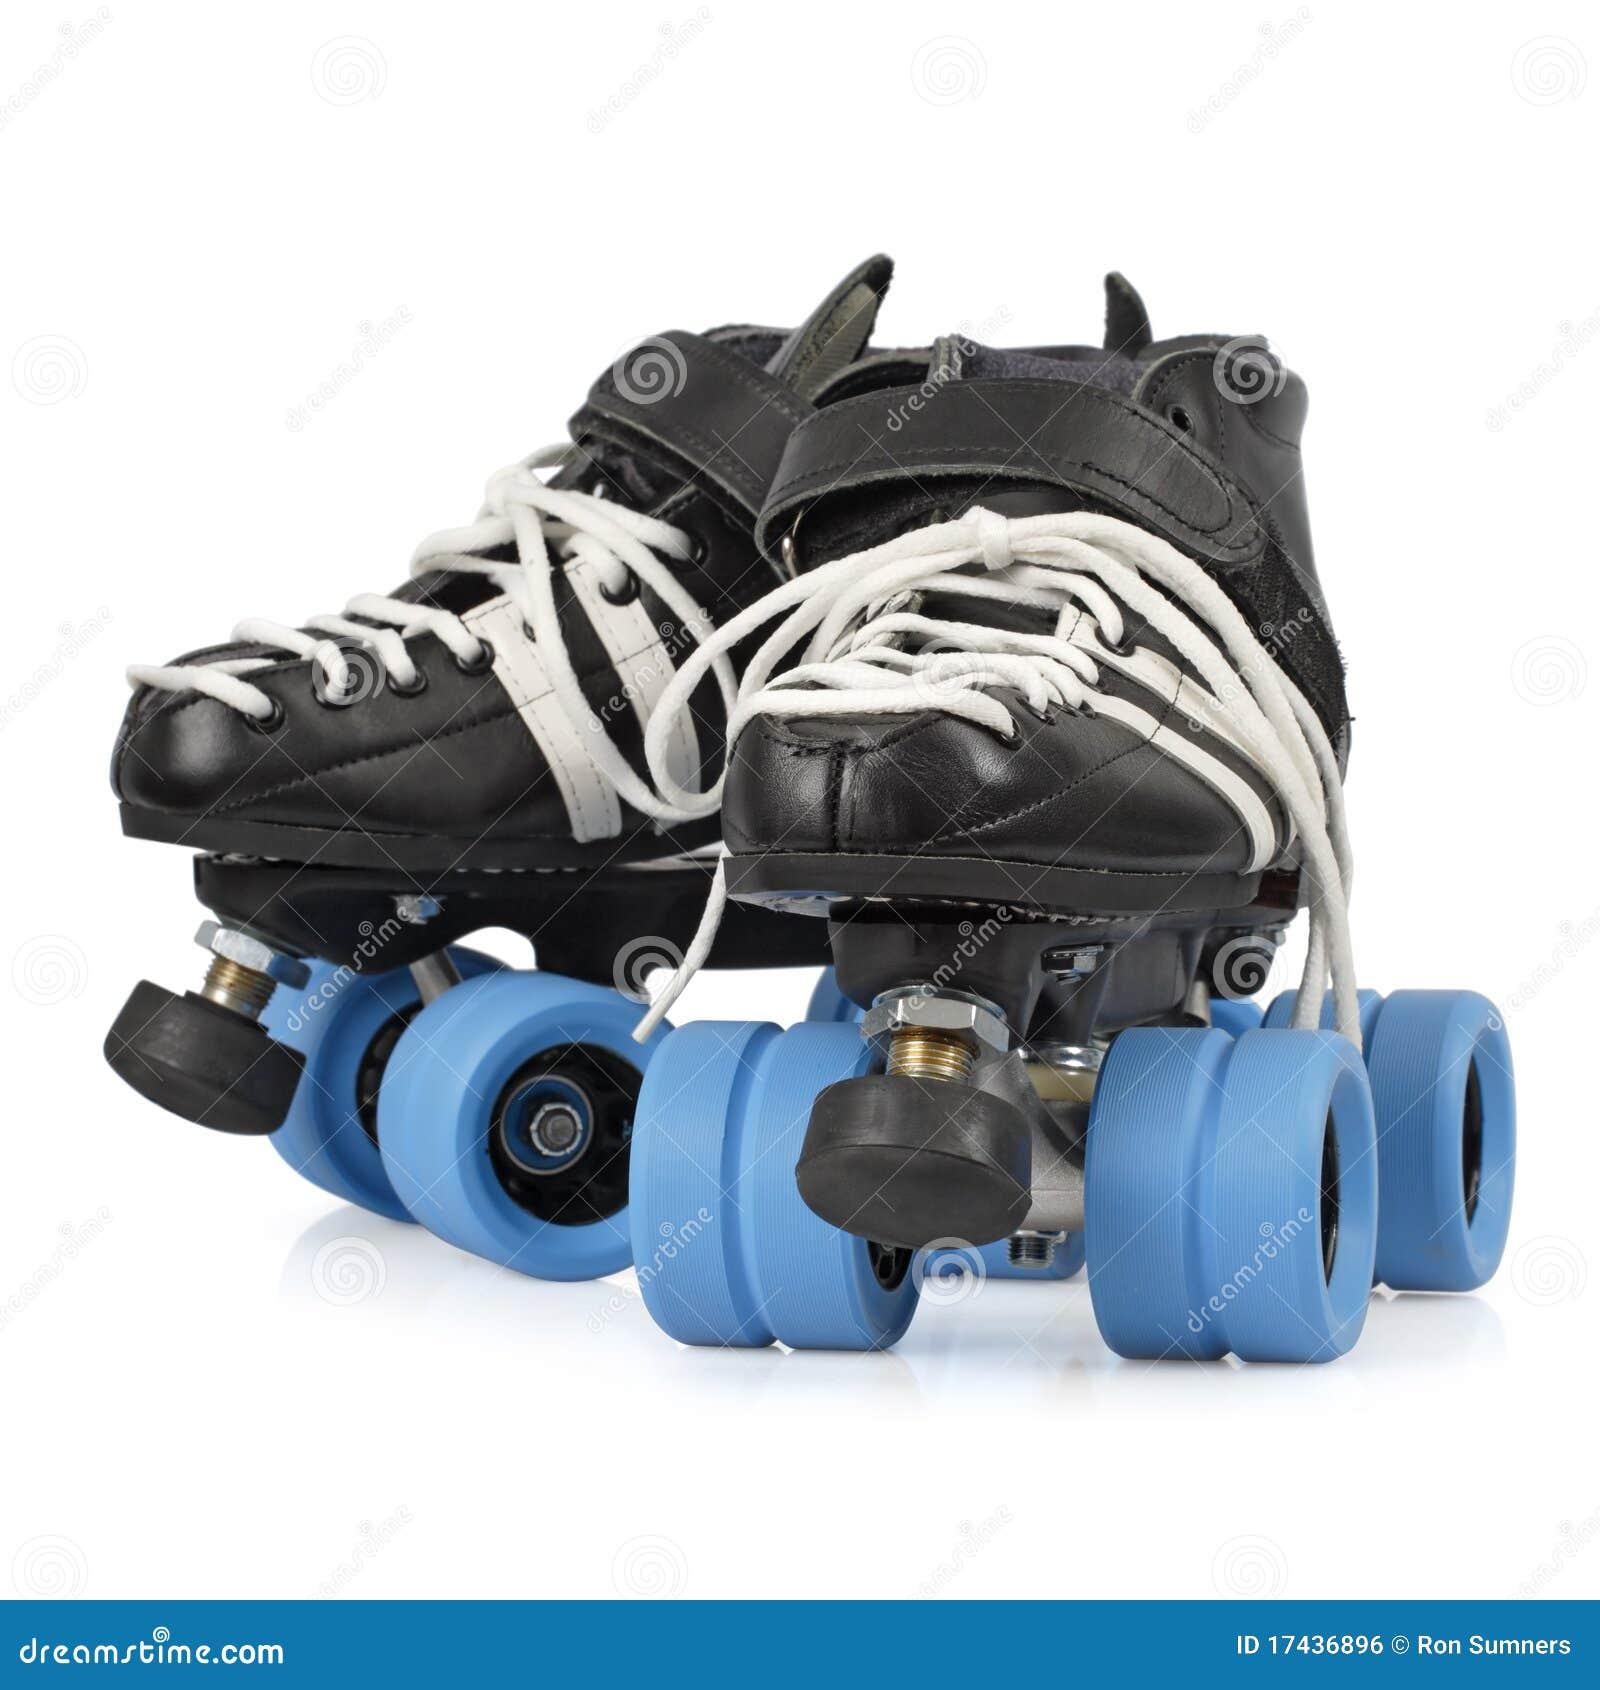 Roller skates for roller derby - Roller Derby Skates Isolated